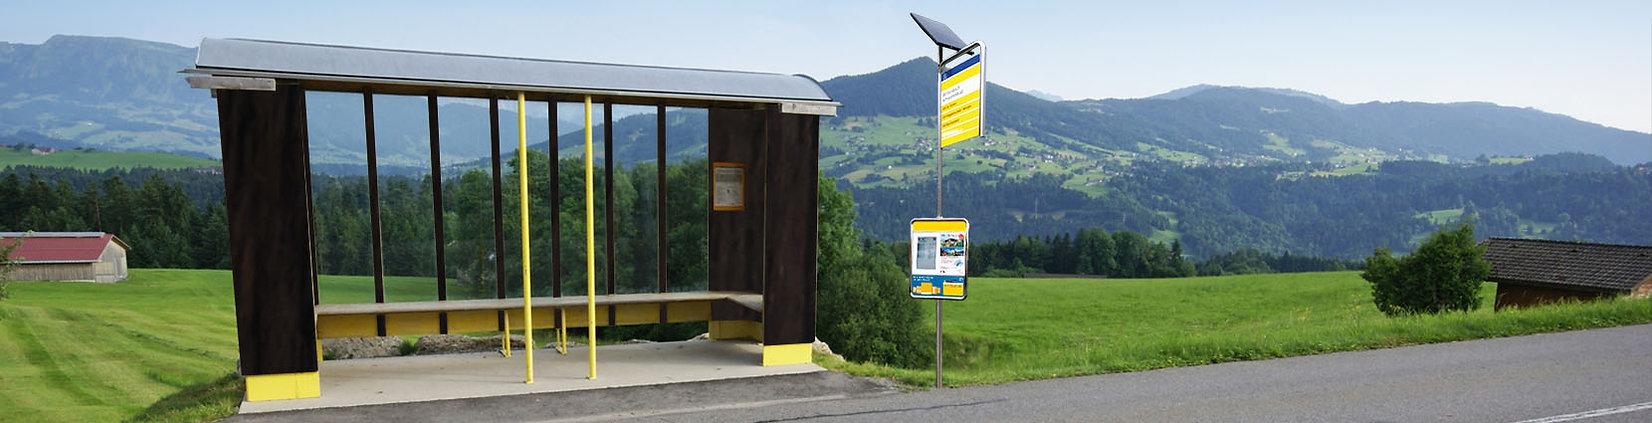 e-paper fahrplan, eink display, alternative haltestelle, stromsparendes display, solarbetriebenes display, energieautarke anzeige